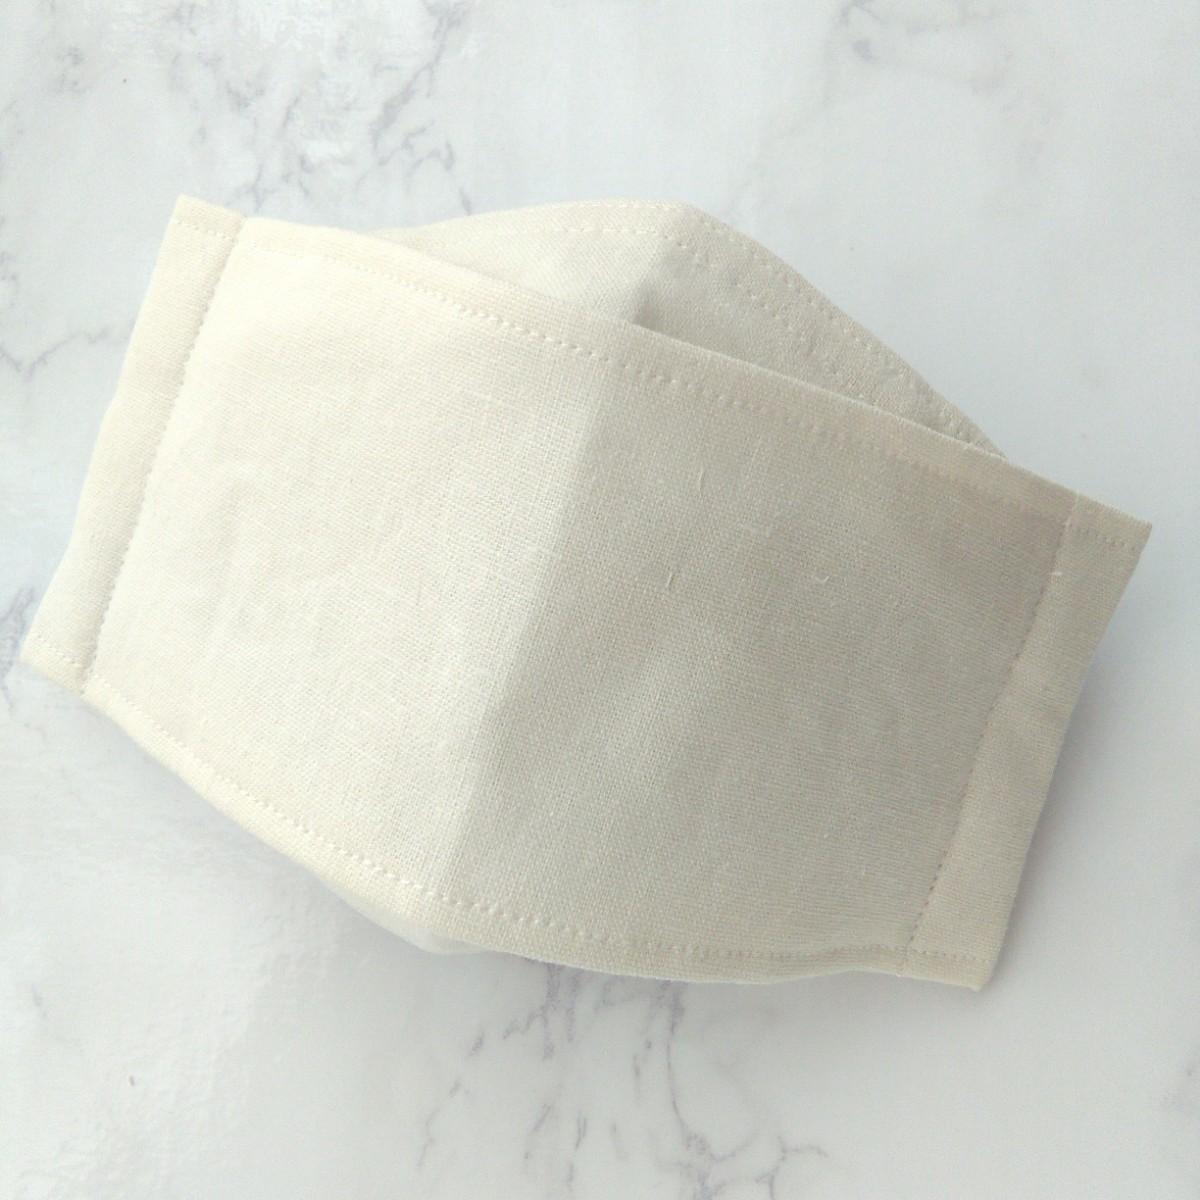 ハンドメイド 綿麻無地ミルク 大臣風 立体 インナー 大人用 コットンリネン 箱型 接触冷感に変更可能